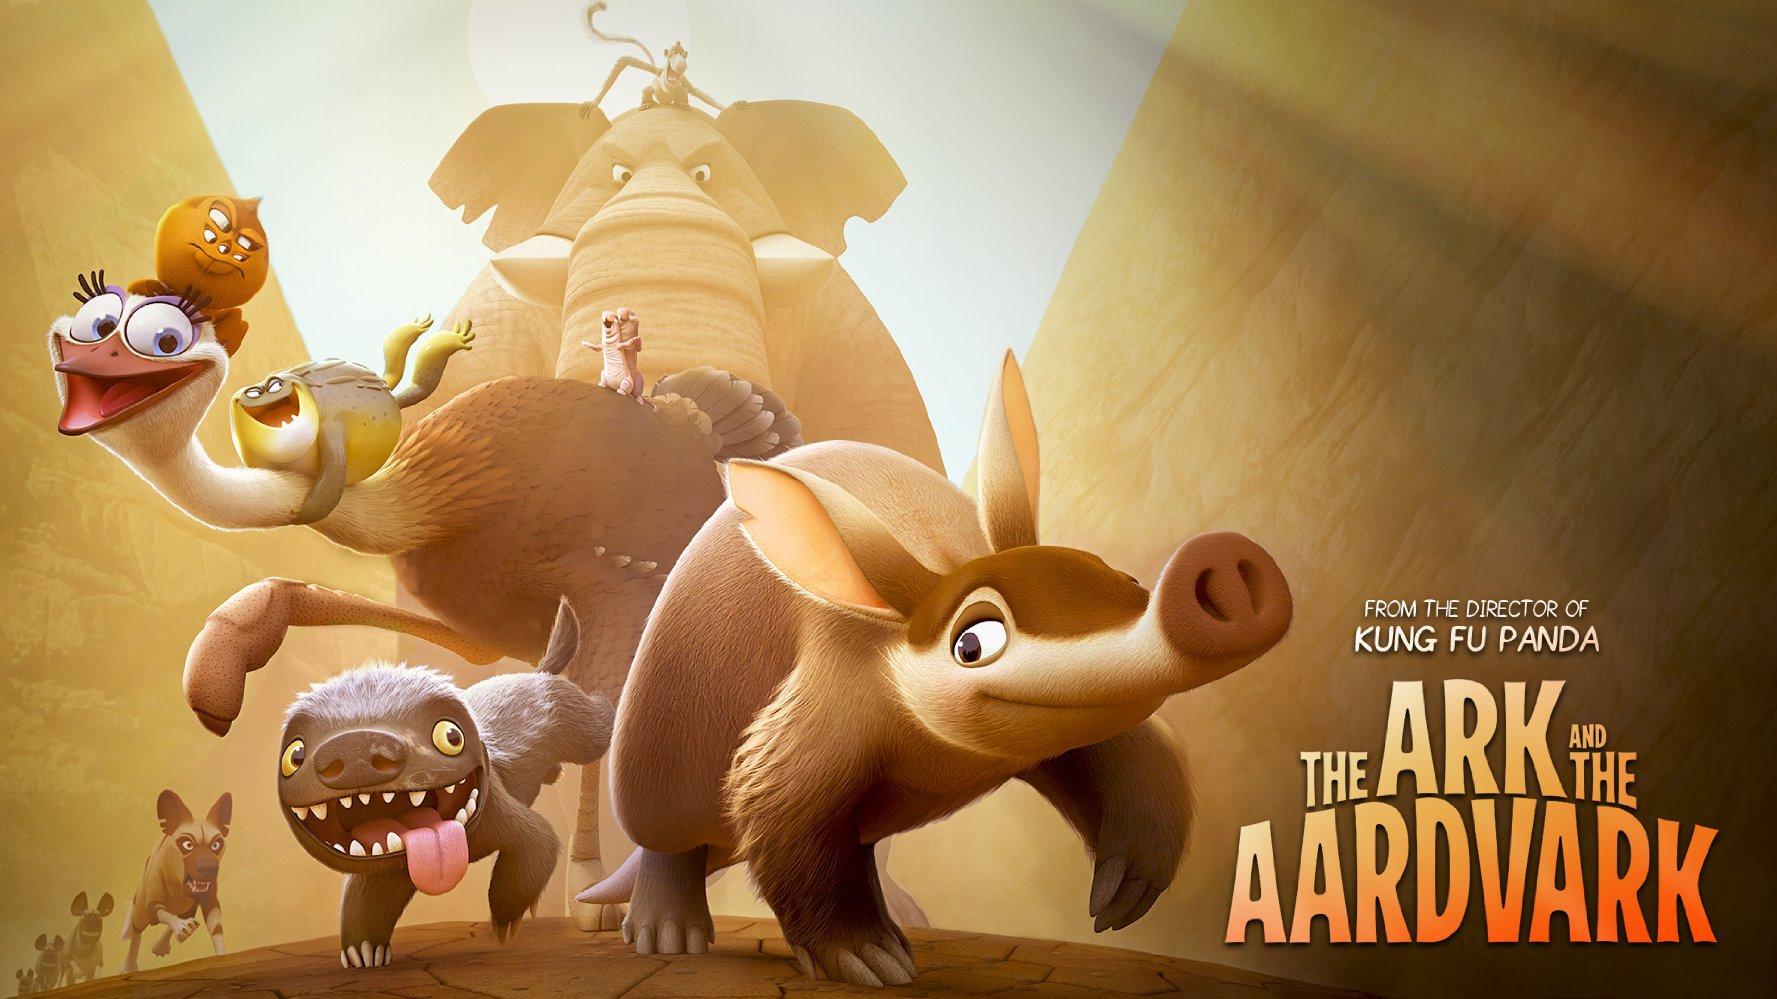 The Ark and the Aardvark (2017)